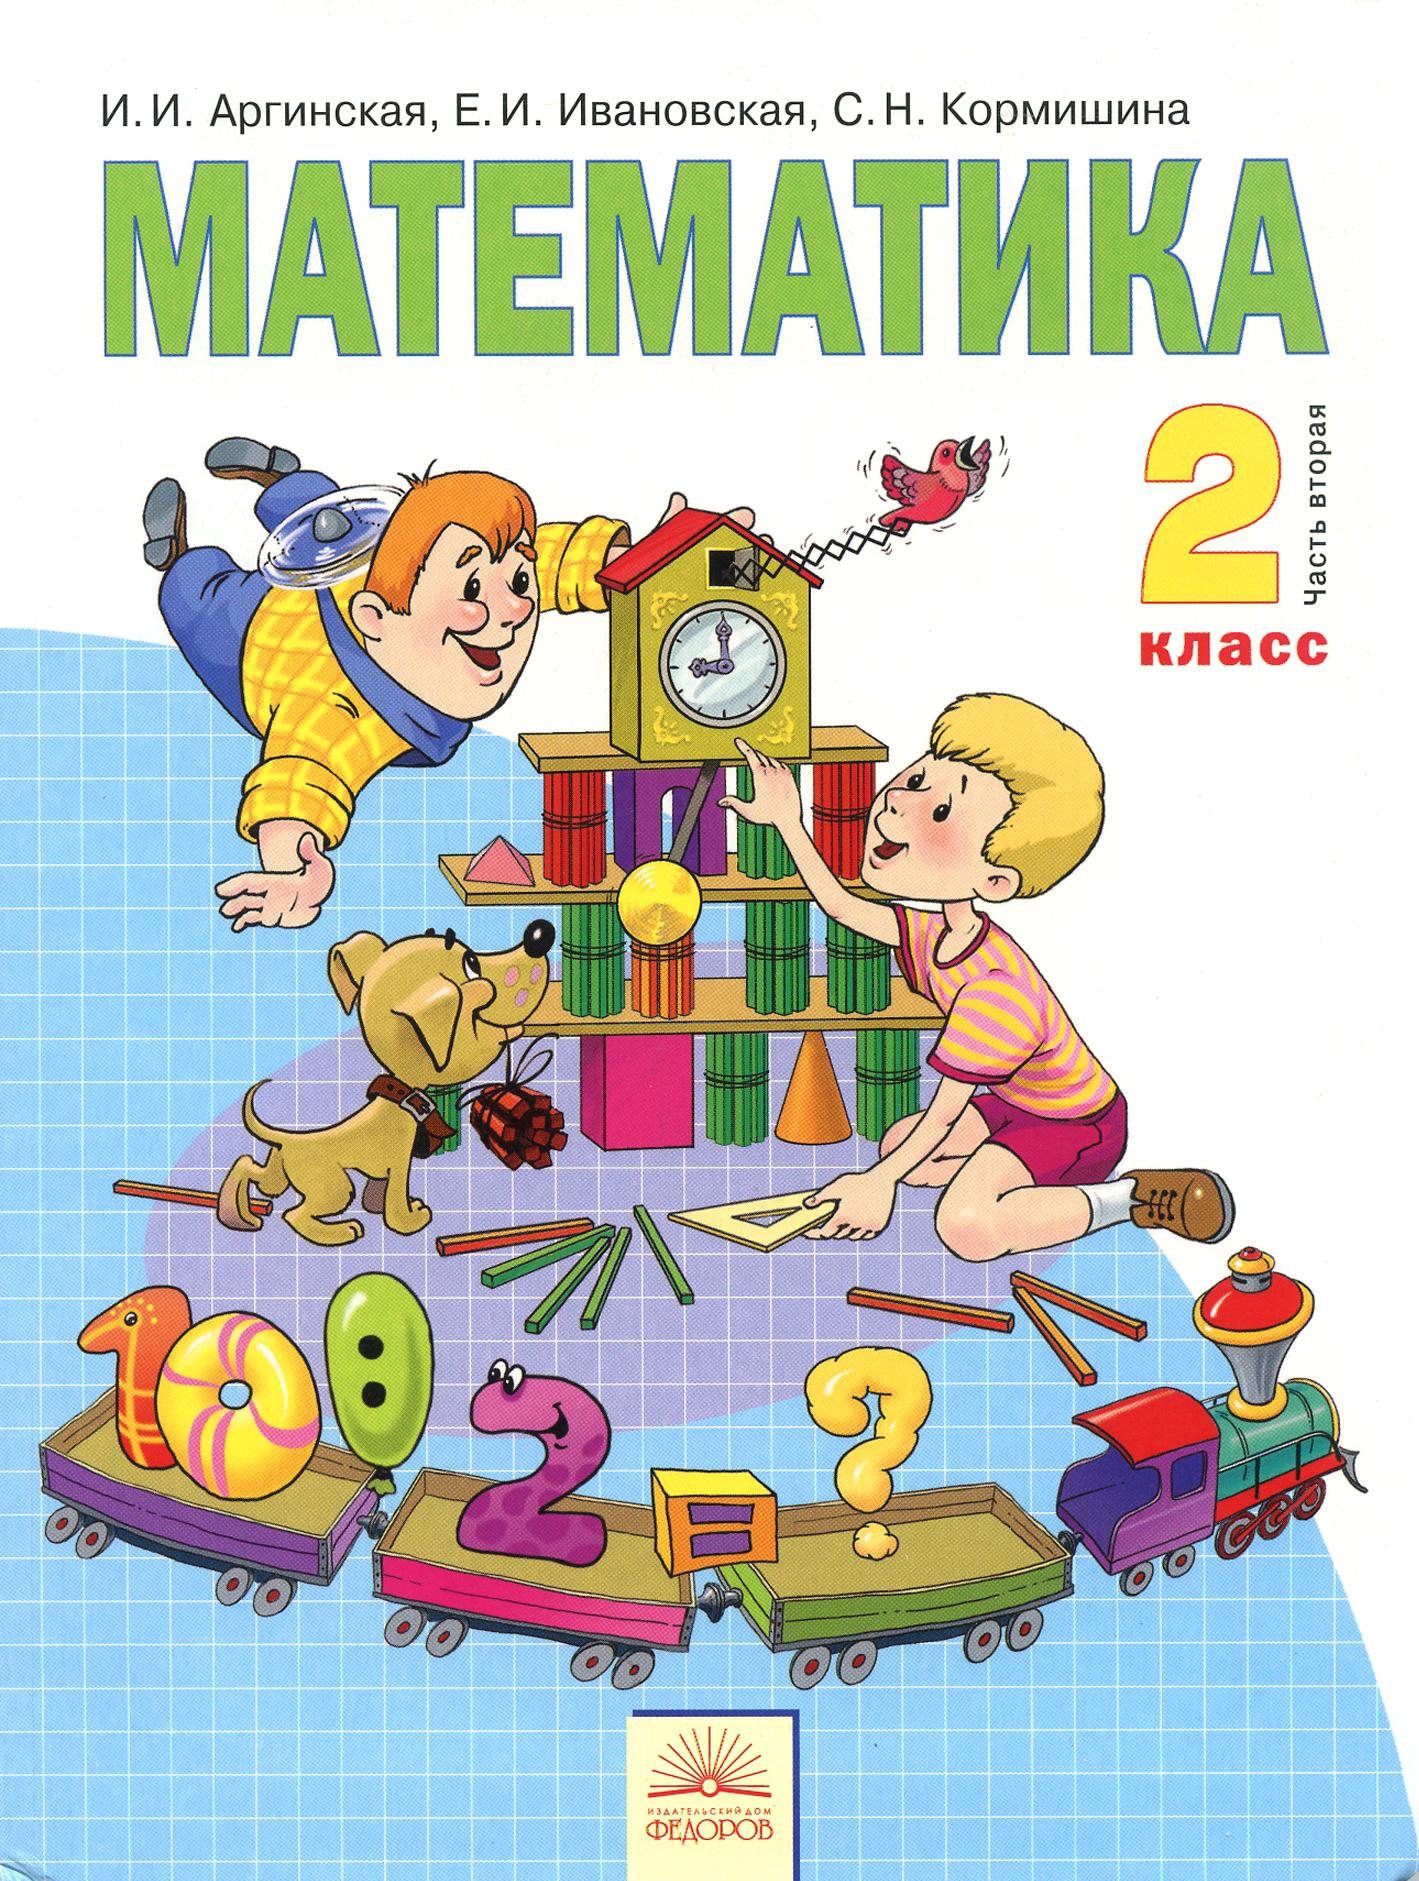 Аргинская И.И.,Ивановская Е.И.,Кормишина С.Н. Математика. 2 класс. В 2-х частях. Часть 2. Учебник е п бененсон л с итина математика 1 класс рабочая тетрадь в 4 частях часть 2